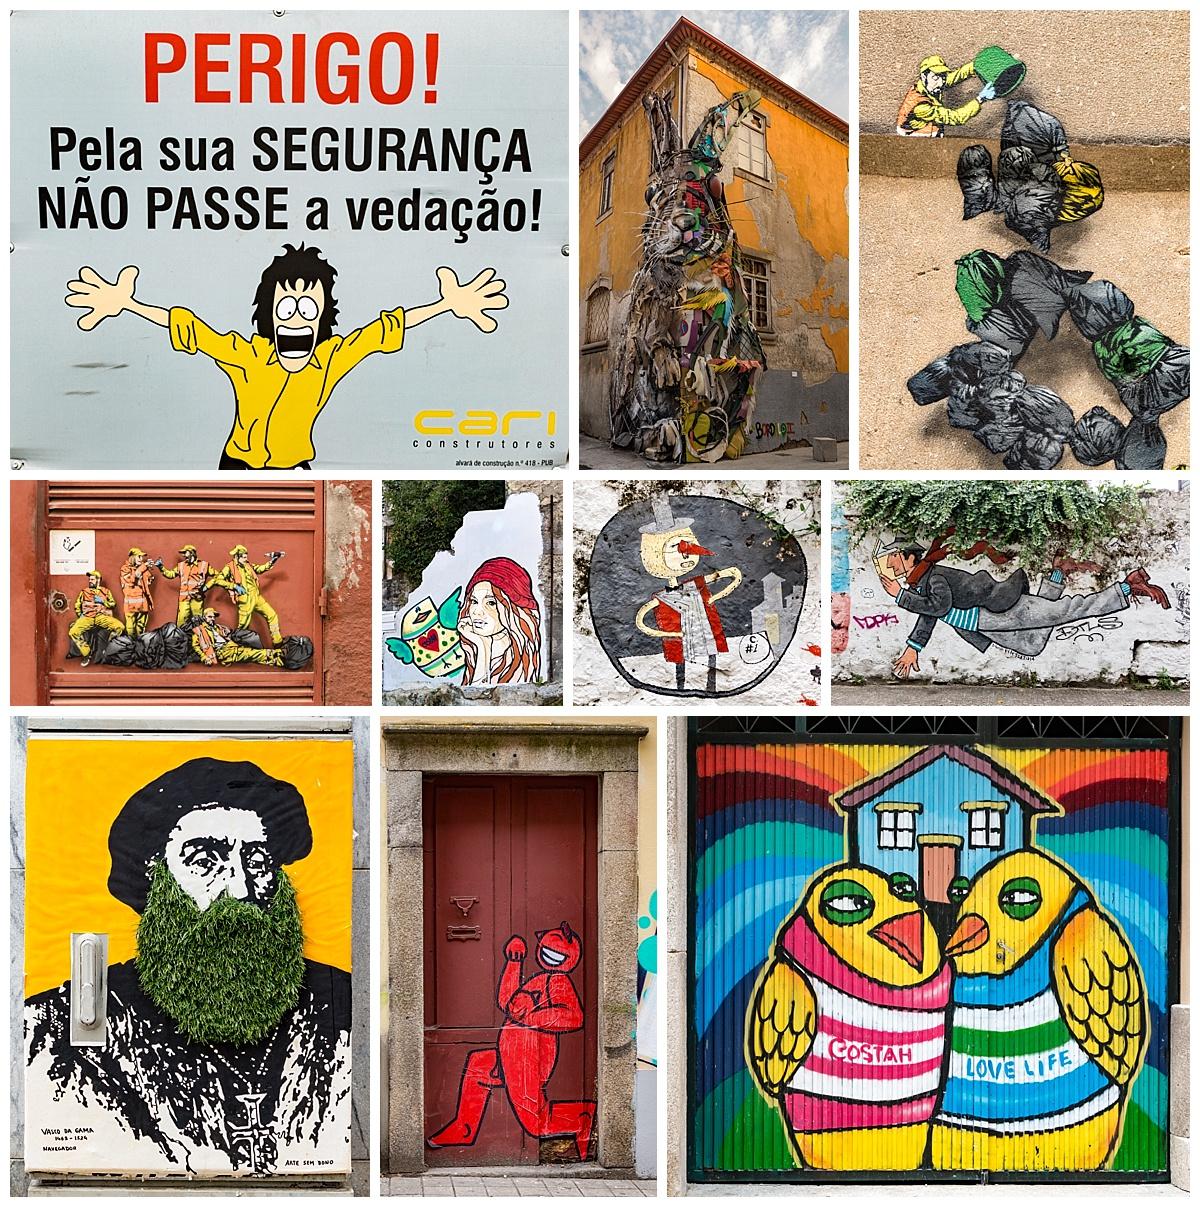 Porto - a6 murals